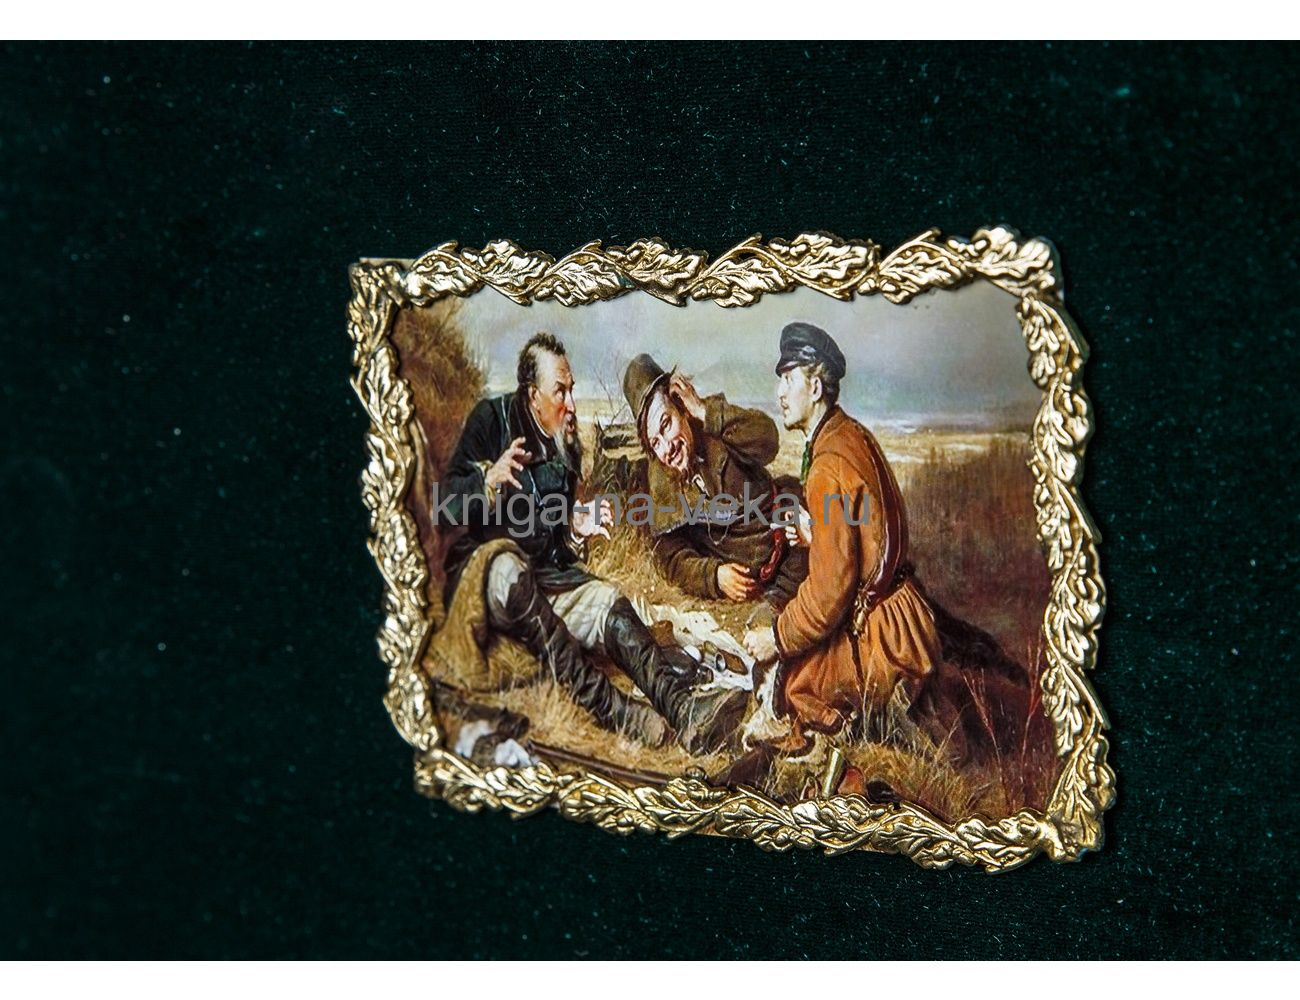 Набор подстаканников «Охота/Рыбалка» в подарочном кейсеНабор подстаканников «Охота/Рыбалка» в подарочном кейсе